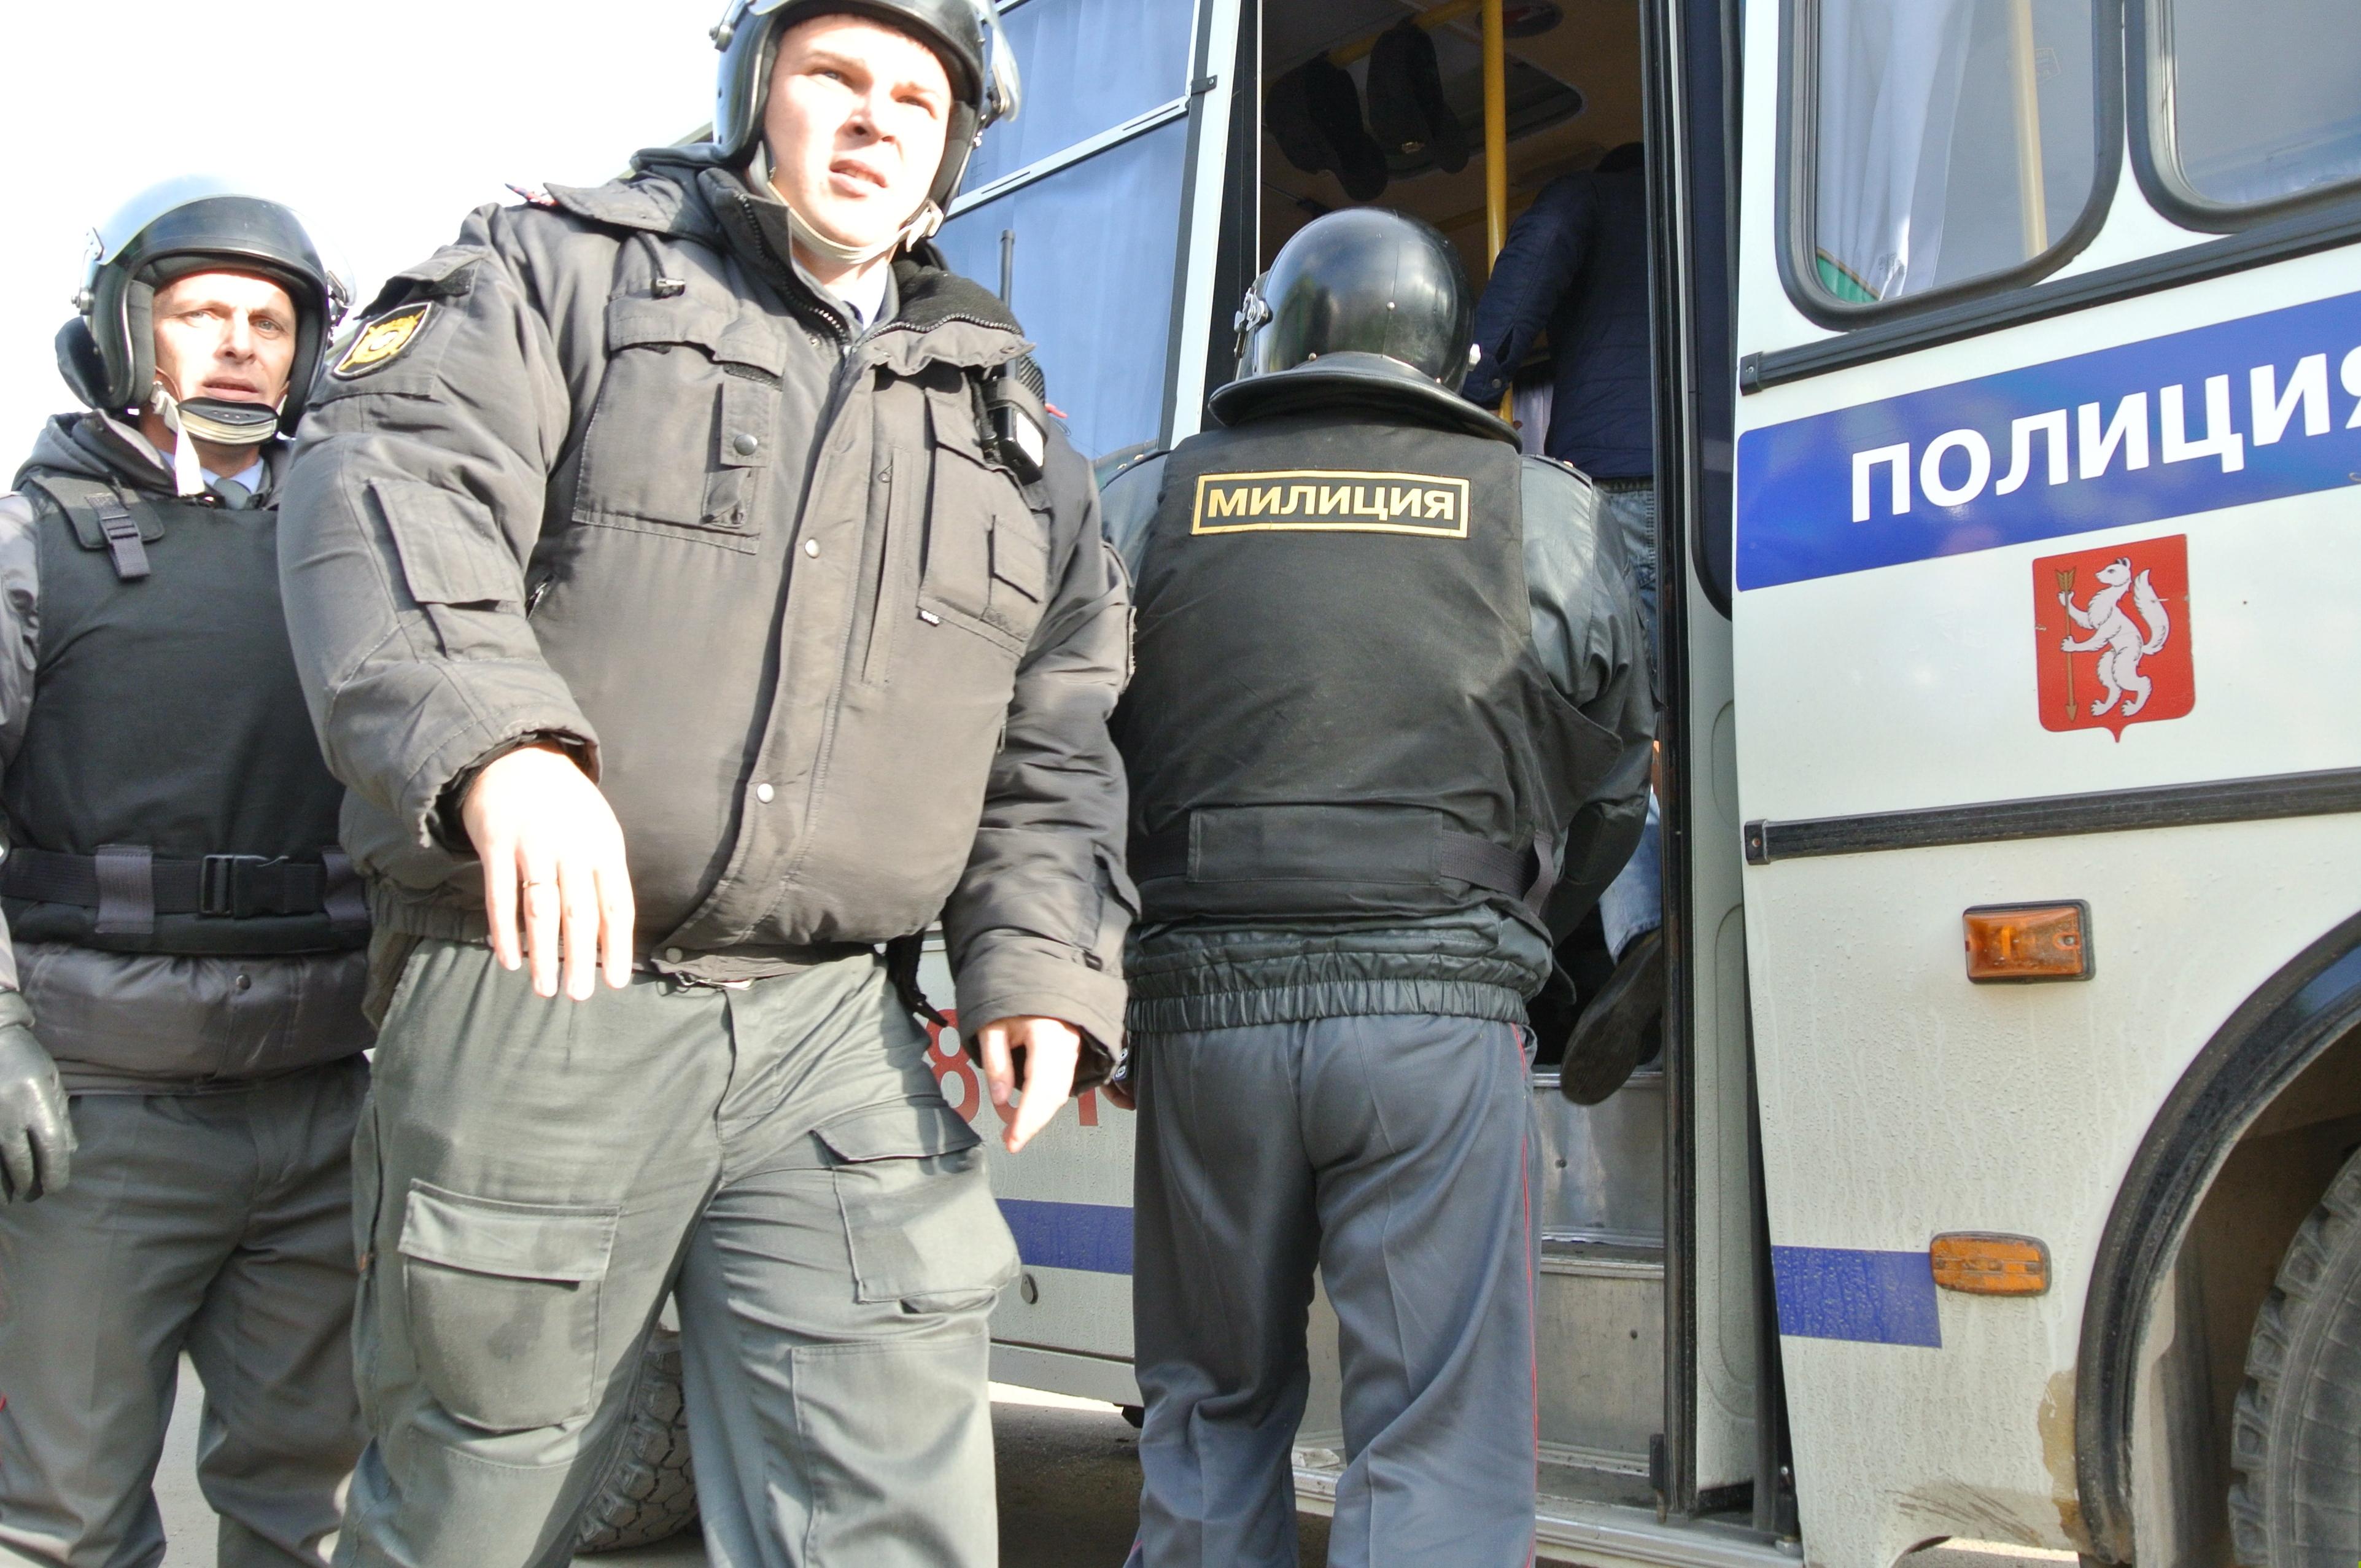 «Мы идем к вам». Этой осенью полиция снова нагрянет в ночные клубы Екатеринбурга